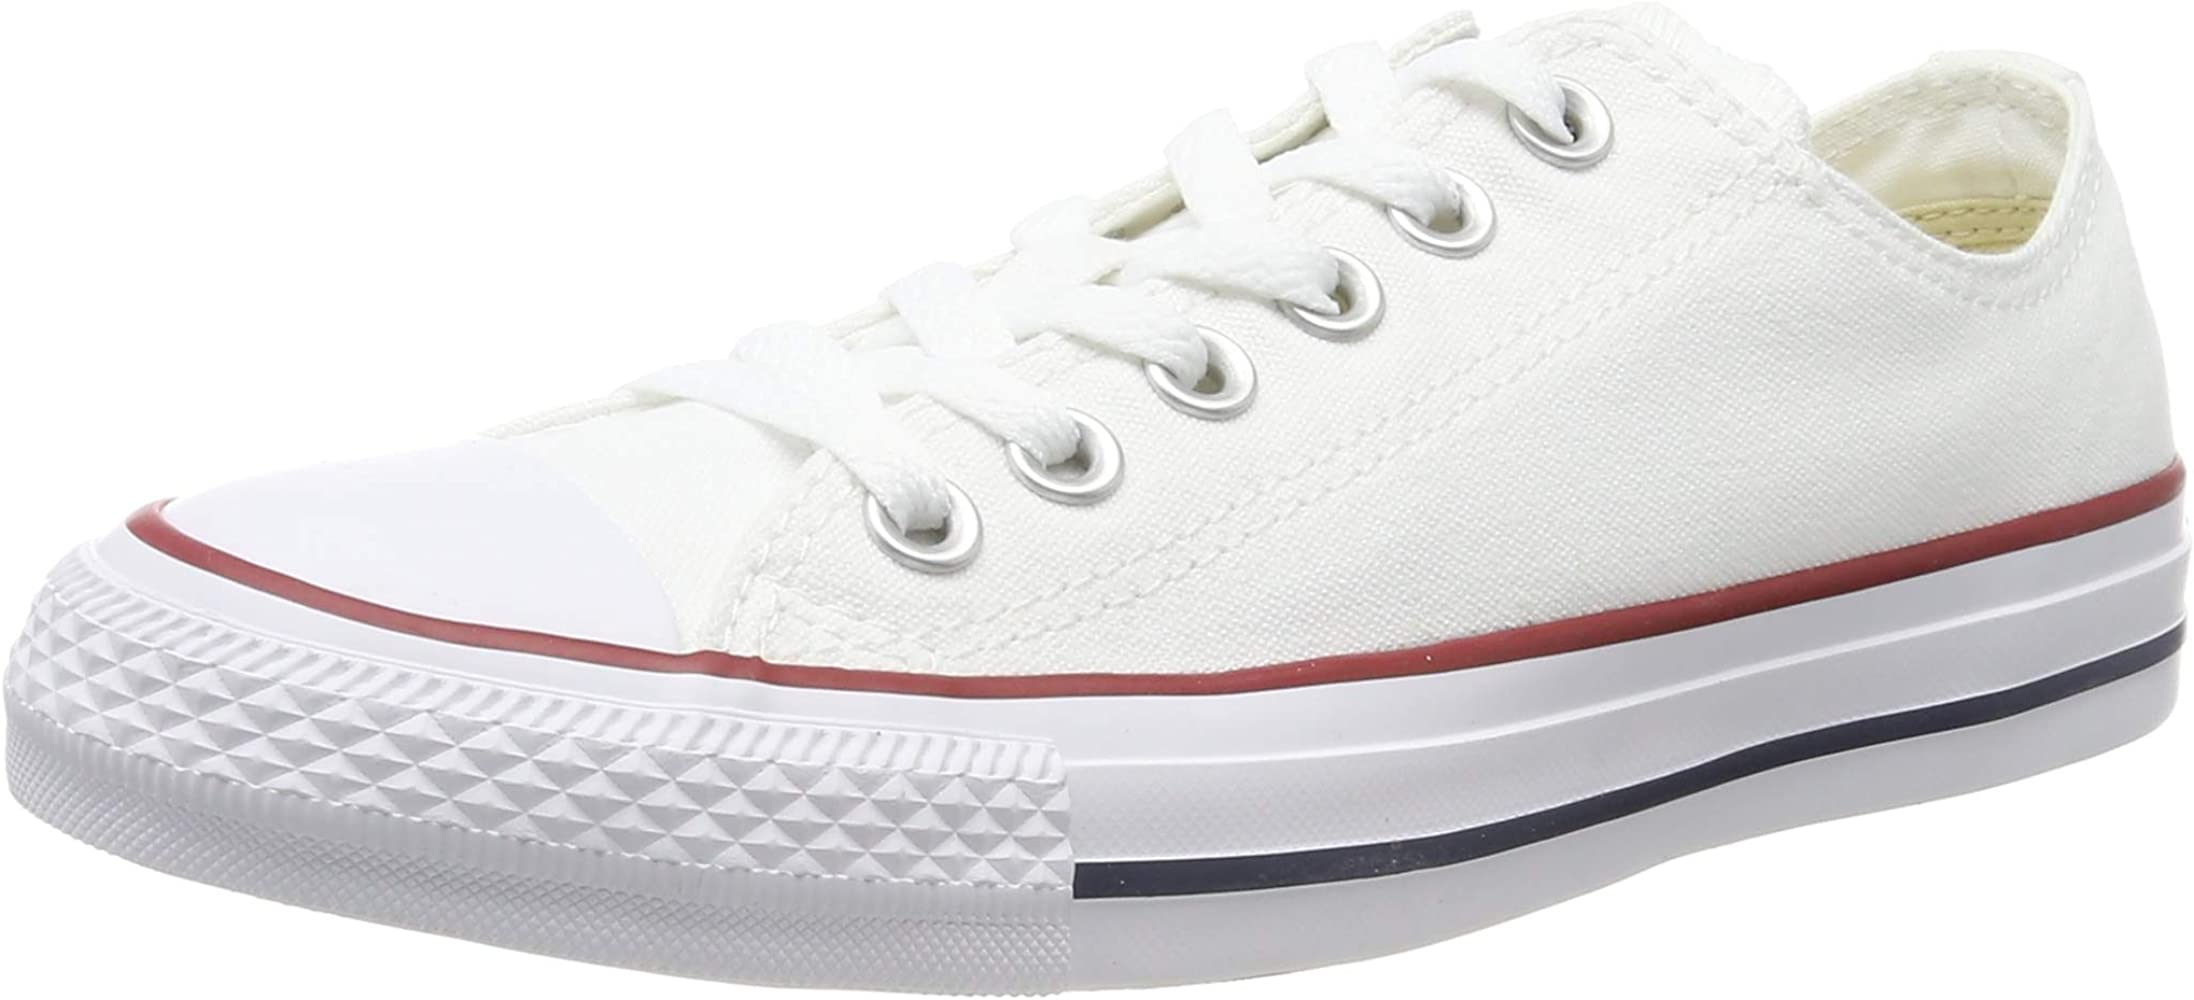 zapatillas basket converse hombre